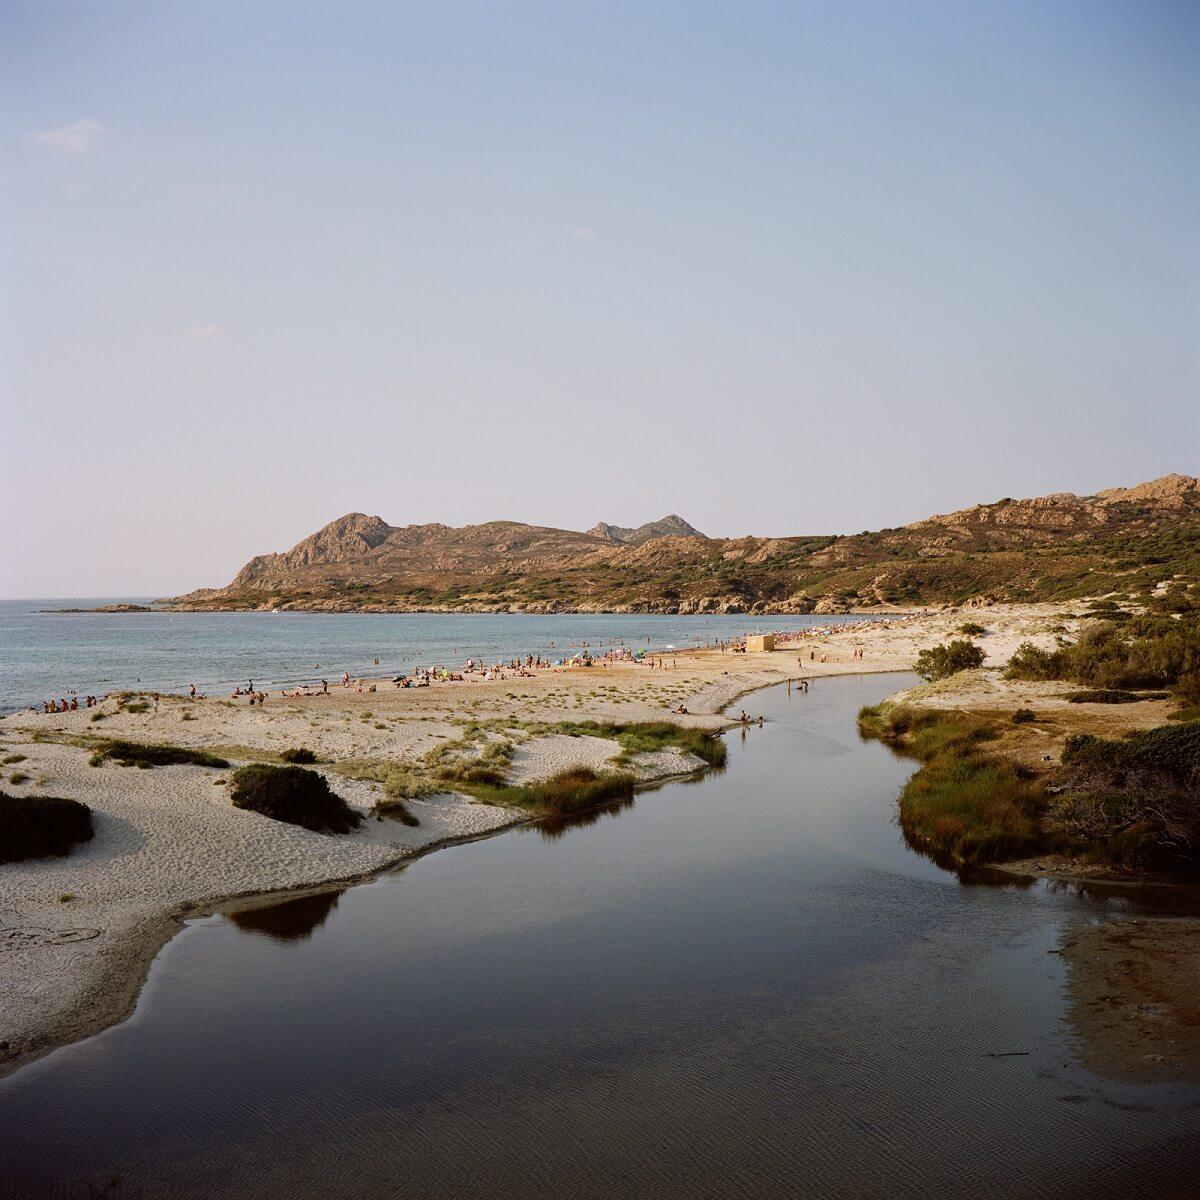 Plage d'Ostriconi - Corse